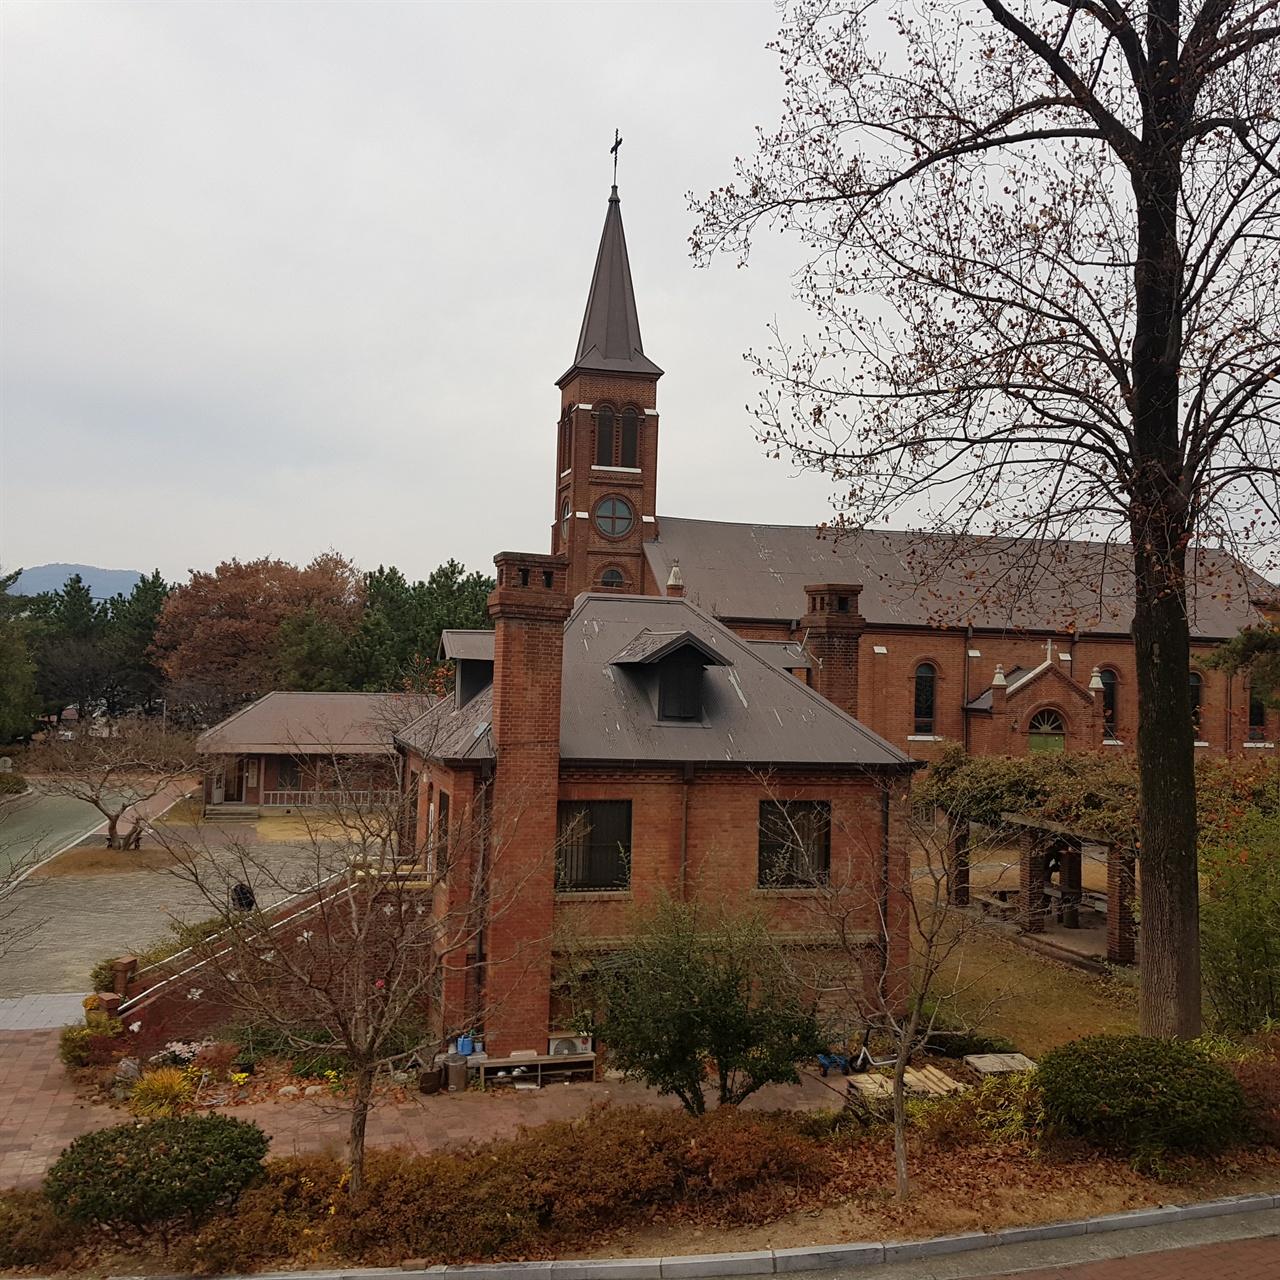 고풍스런 분위기 자아내는 경북 왜관 성베네딕토 수도원 전경